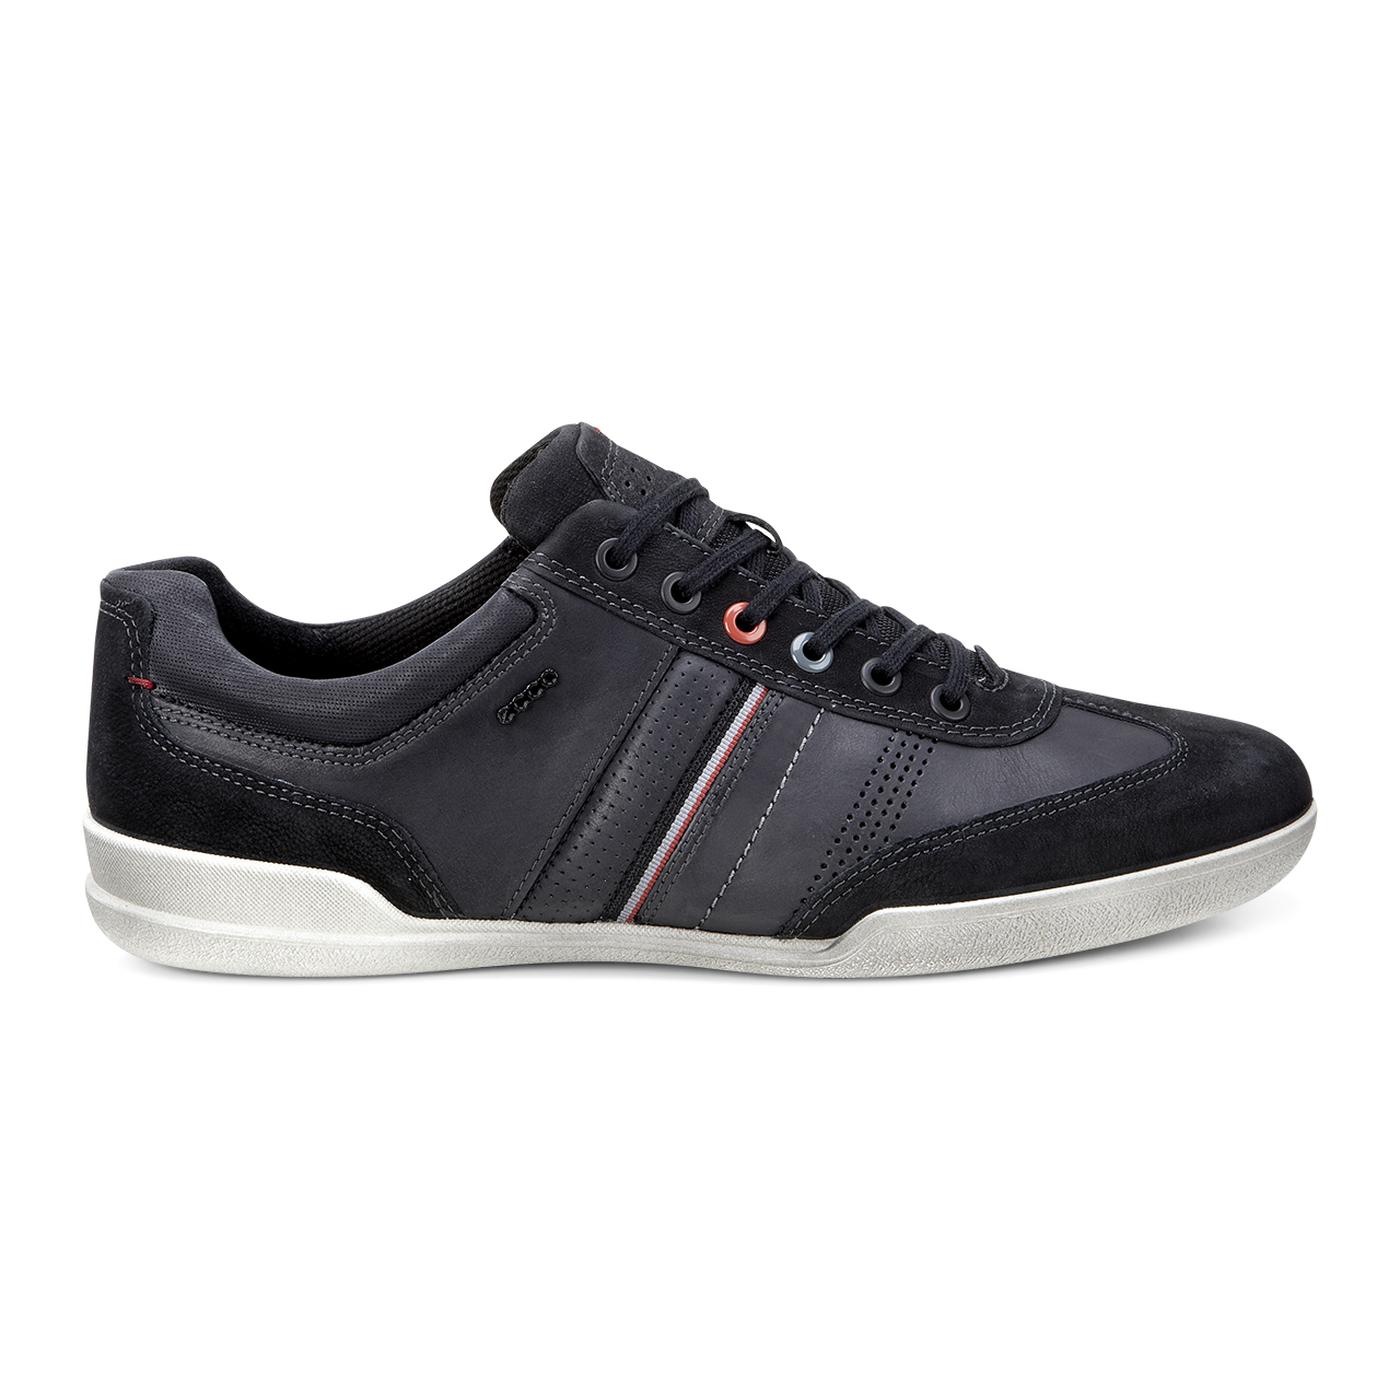 48bce497a839 ECCO Enrico retro Sneaker